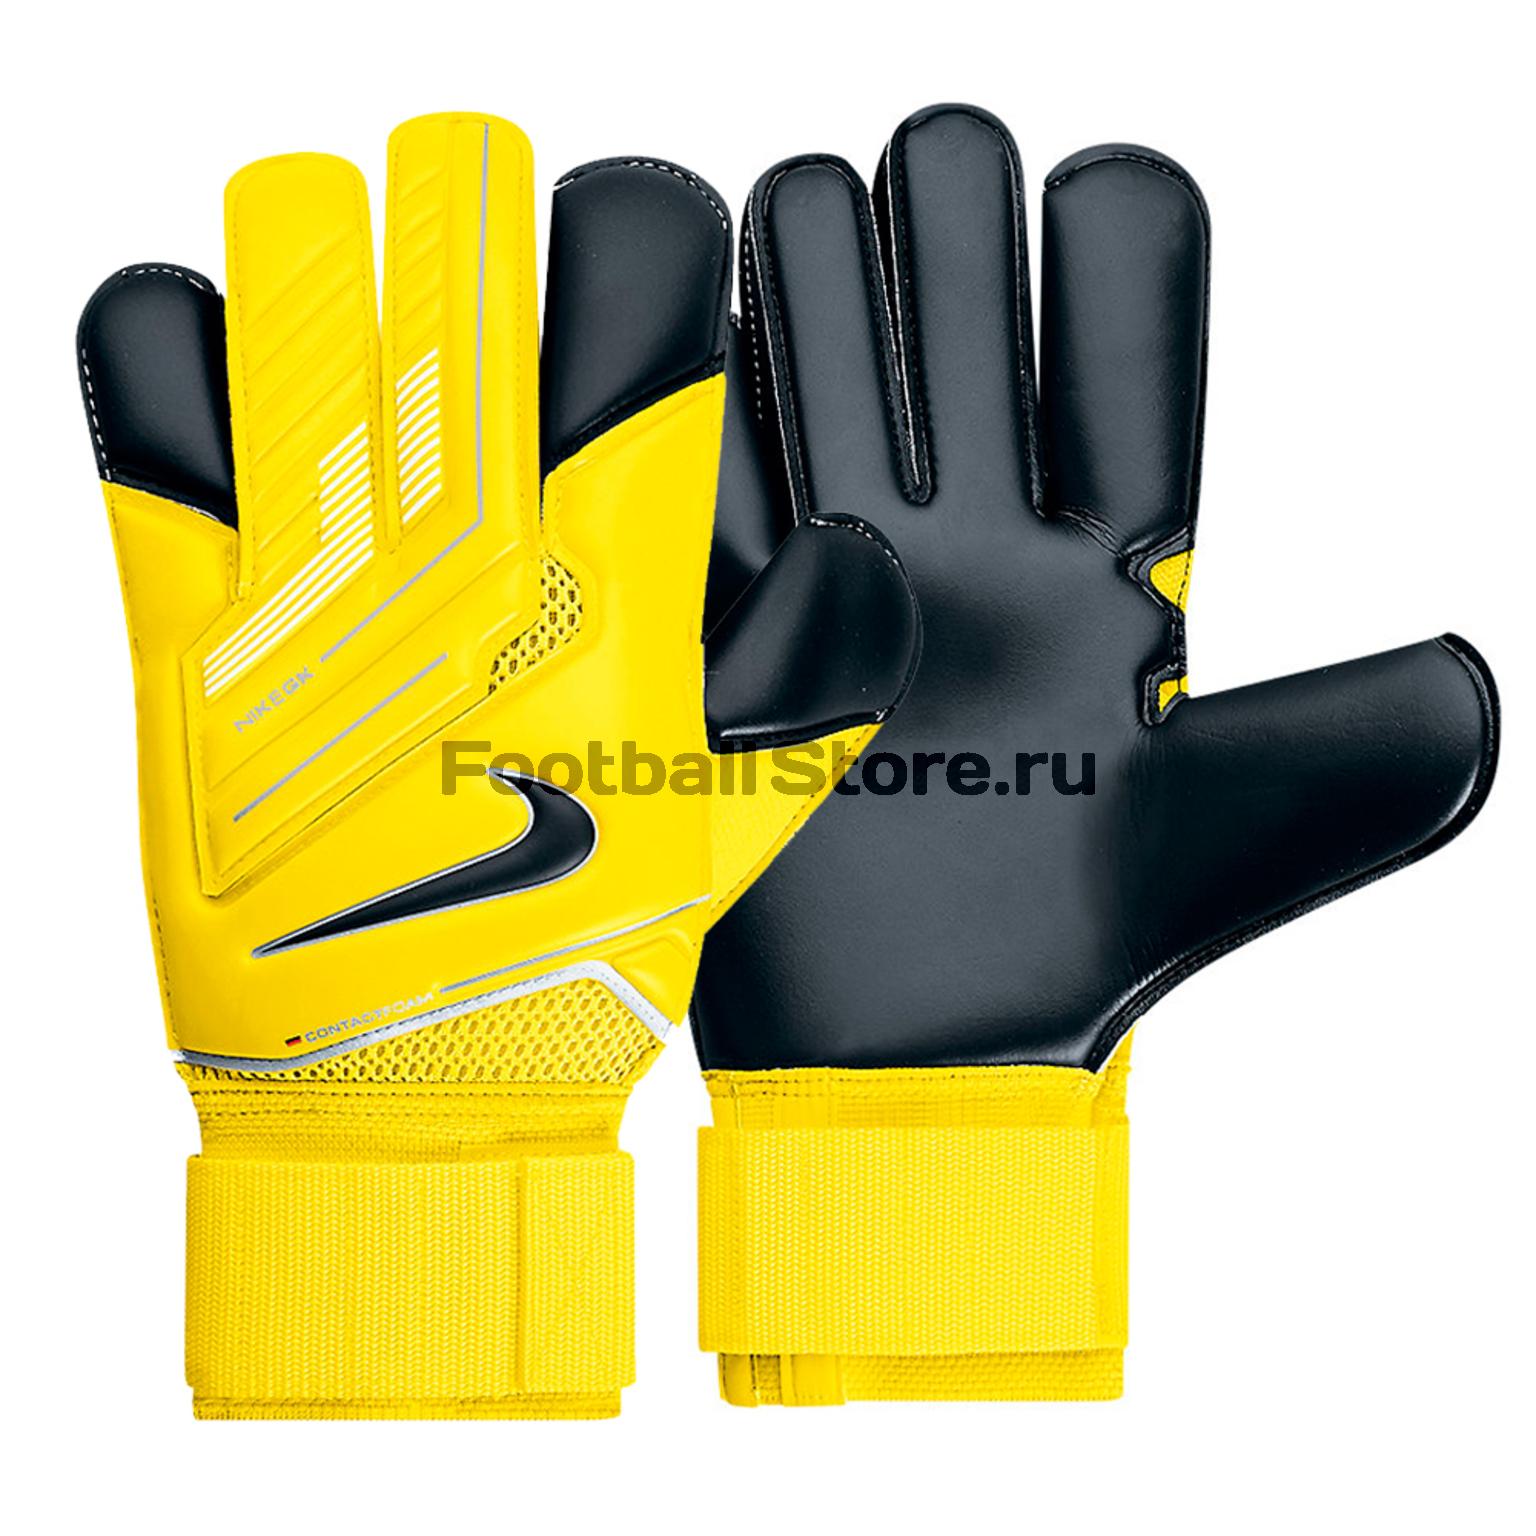 8630942b Перчатки вратарские Nike GK Vapor Grip 3 GS0252-700 - купить в ...